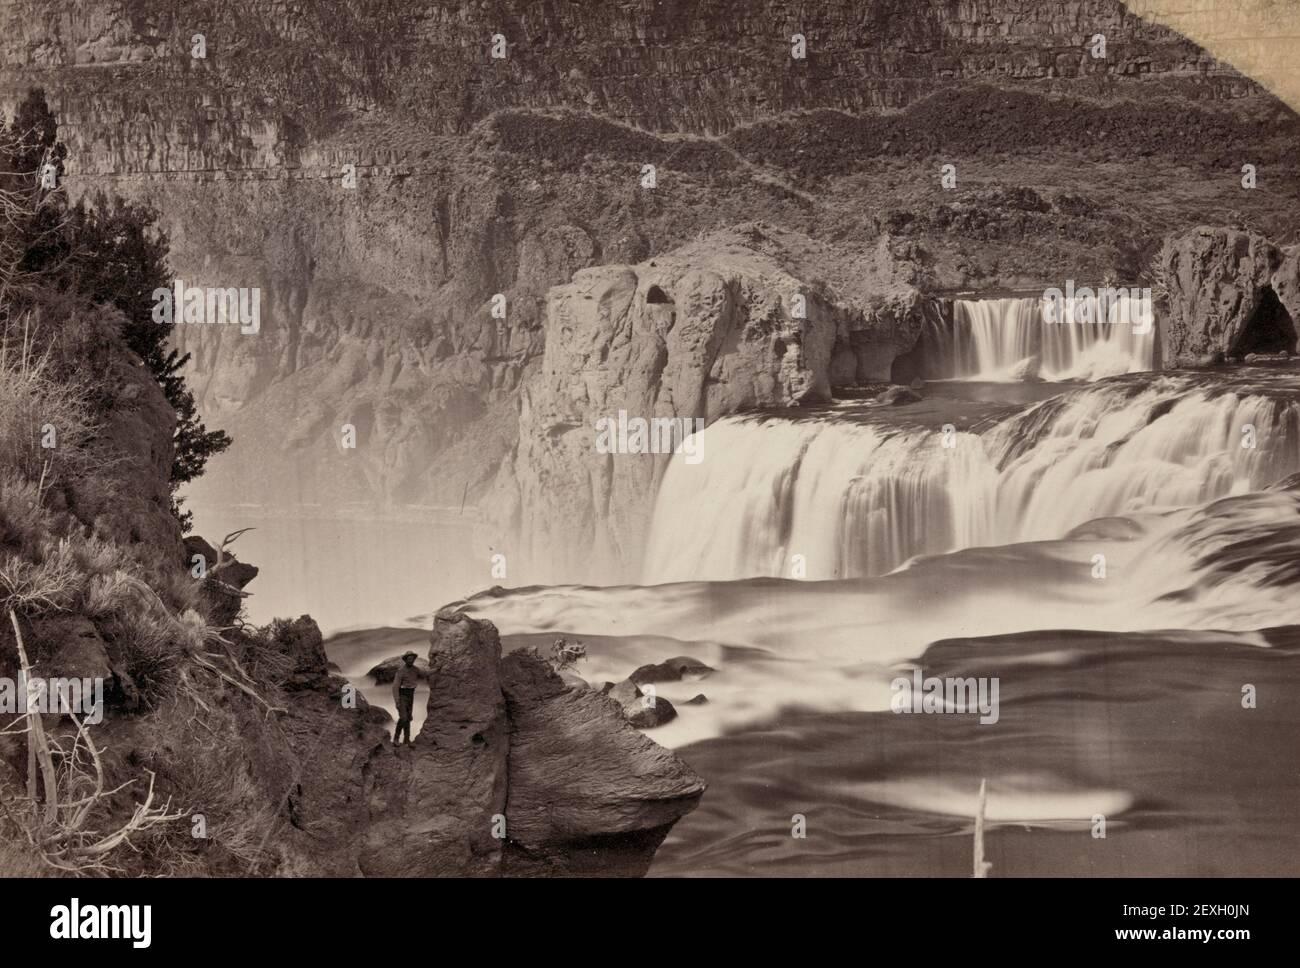 Shoshone Falls, Snake River, Idaho. Vue en milieu de journée, murs adjacents d'environ 1000 pieds de hauteur - Photographie montrant les formations rocheuses près de la cascade - Timothy O'Sullivan, 1874 Banque D'Images